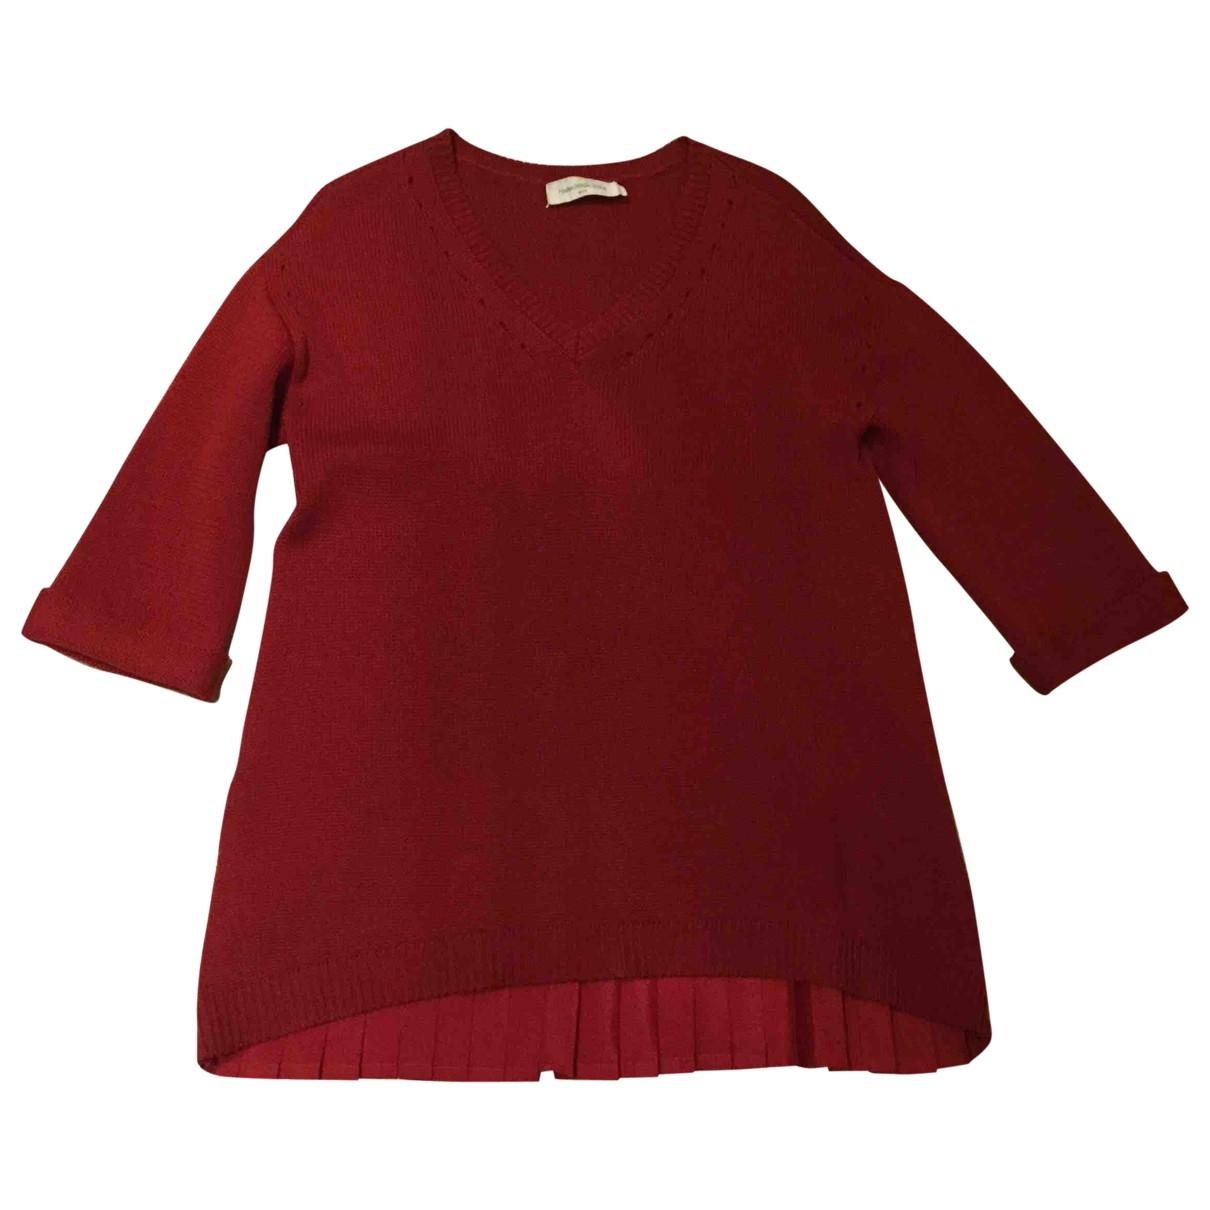 Maria Grazia Severi - Pull   pour femme en laine - bordeaux